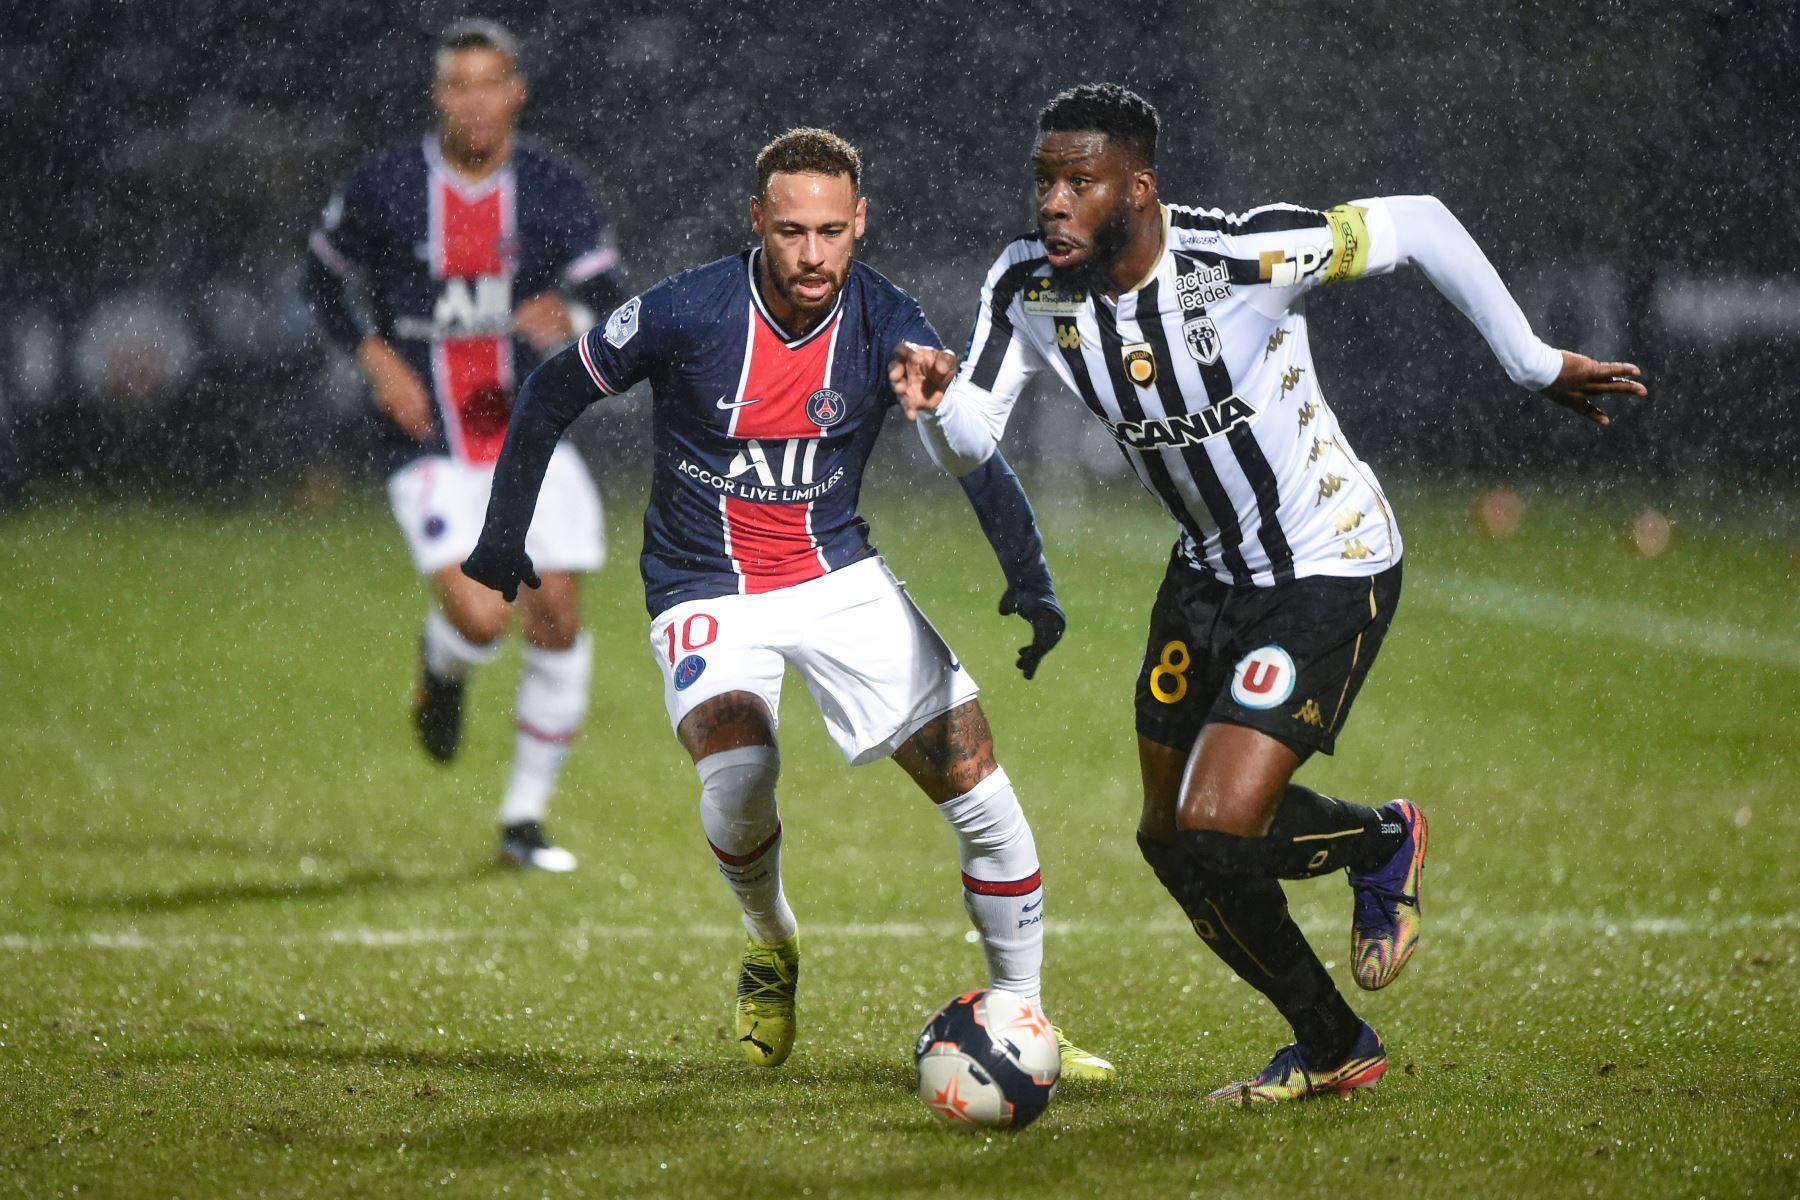 El delantero brasileño del PSG, Neymar compite por el balón con el defensor francés de Angers, Ismael Traore, durante el partido de fútbol francés L1 entre Angers y PSG en el Estadio Raymond Kopa en Angers, oeste de Francia. Foto: AFP